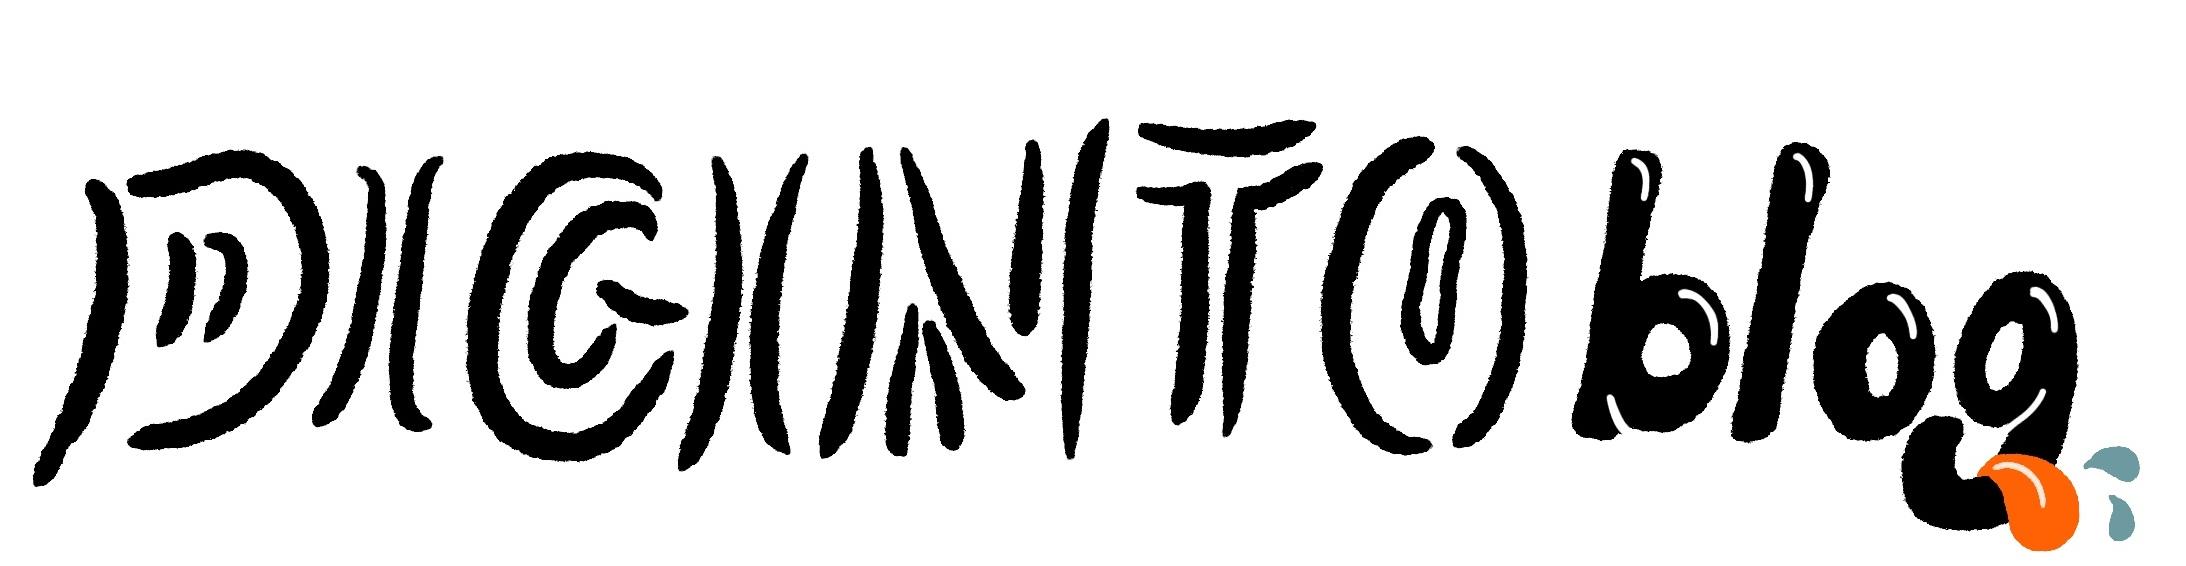 DIGINTO blog